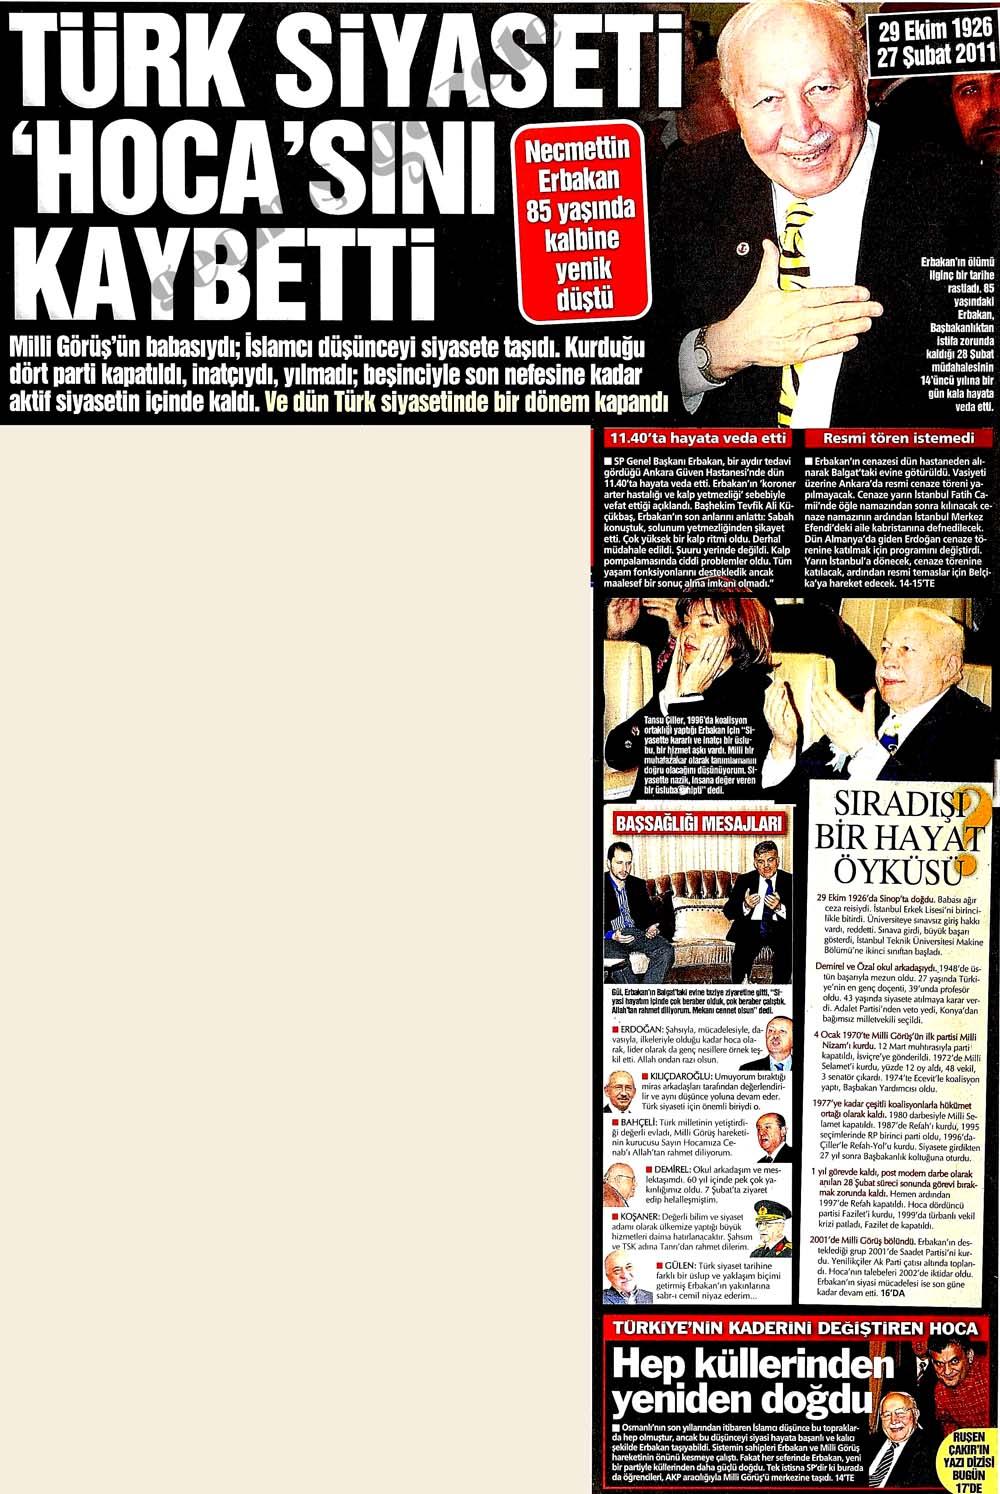 Türk siyaseti 'Hoca'sını kaybetti